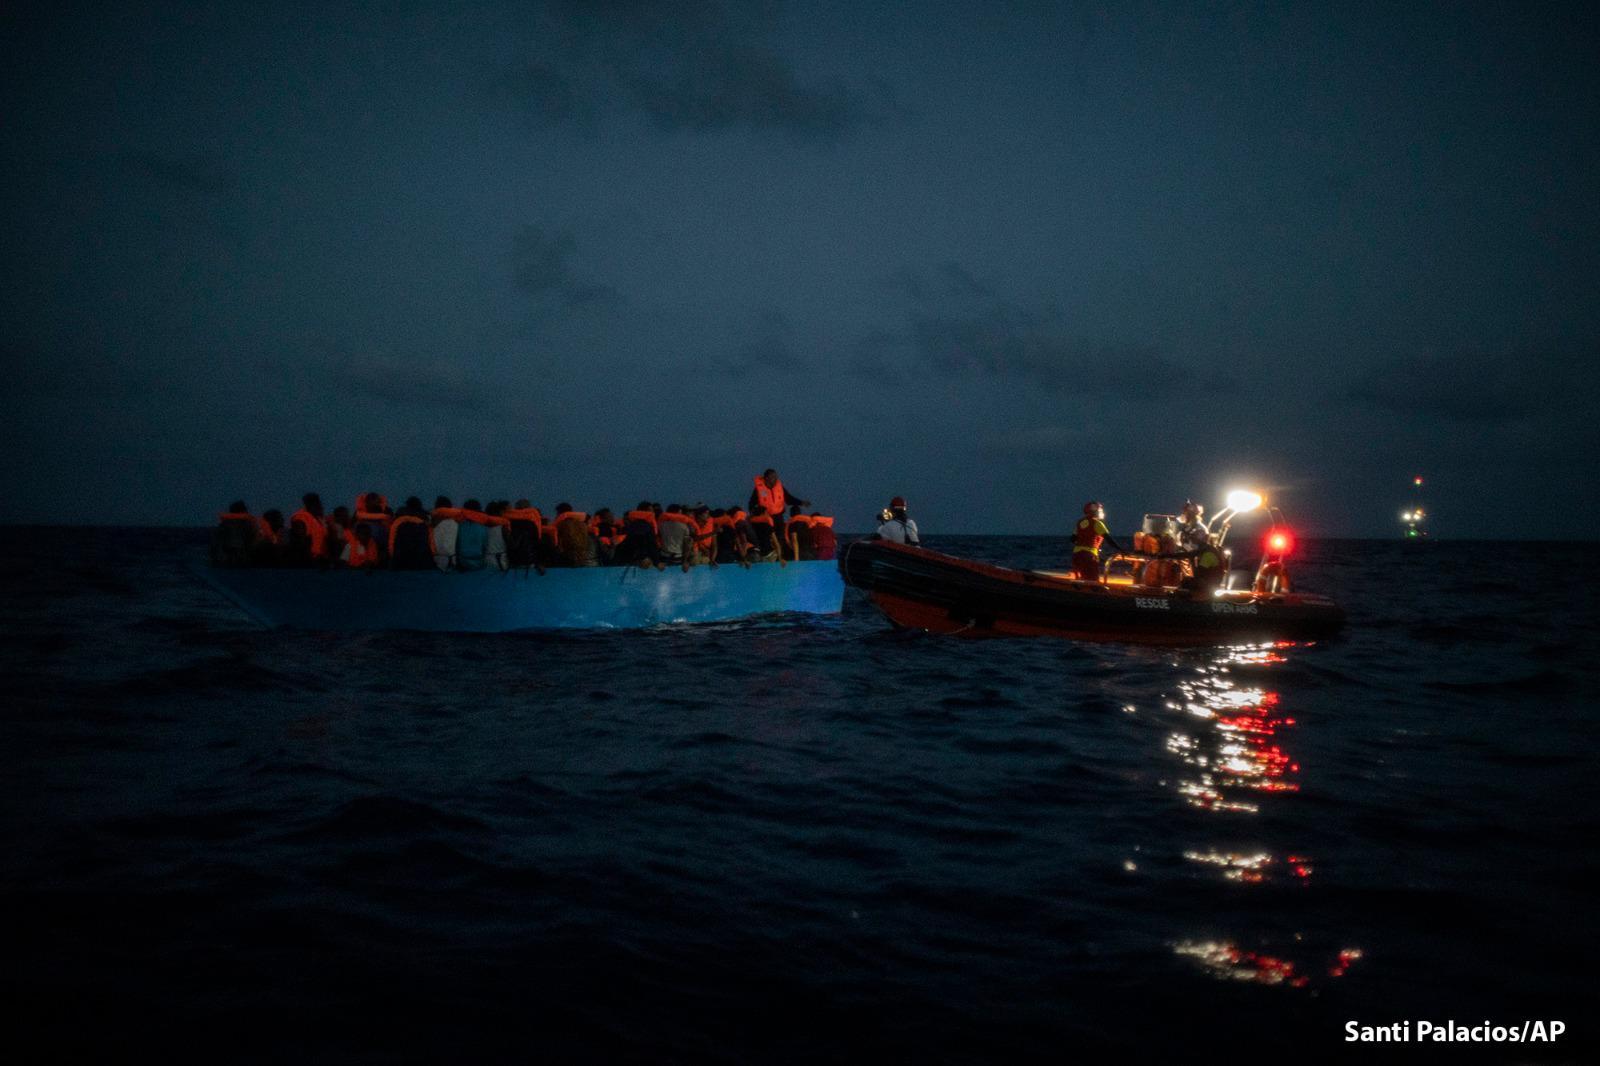 Salvataggio di 83 persone nel Mediterraneo Centrale